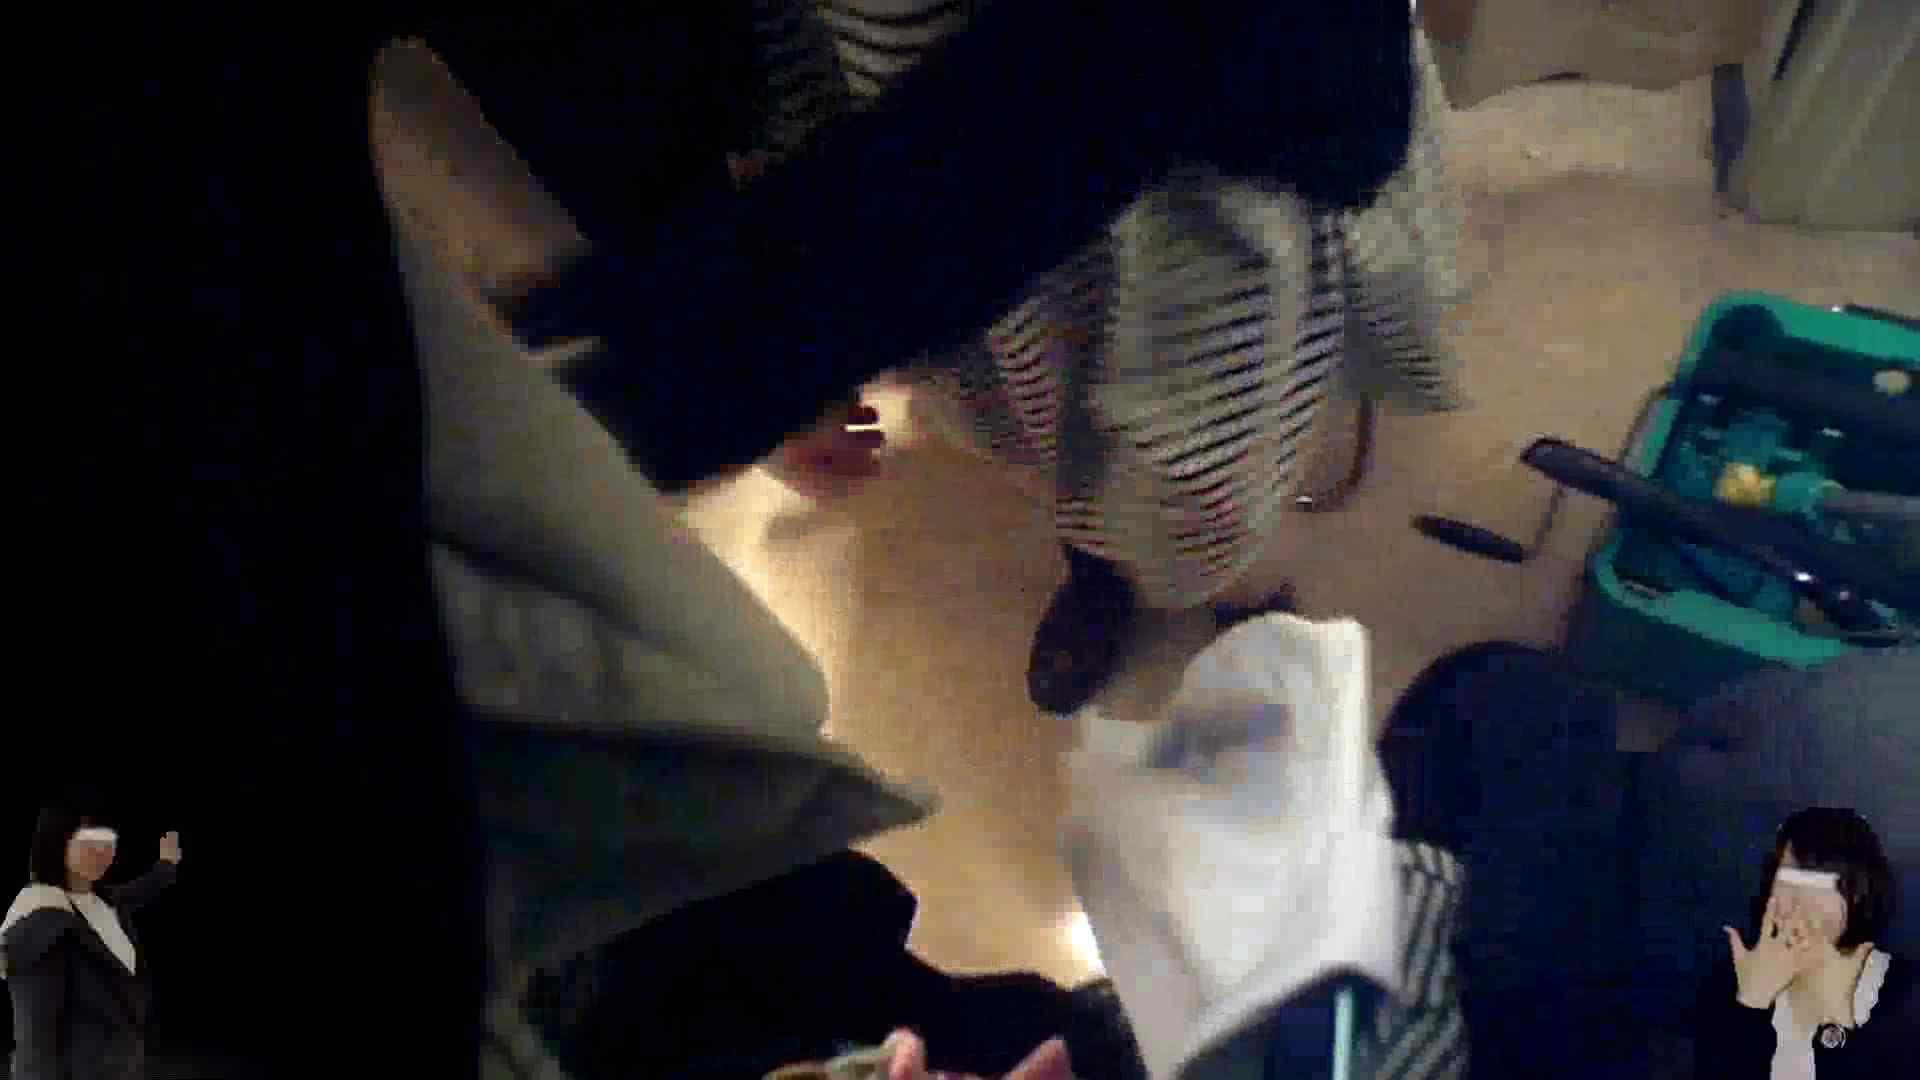 素人投稿 現役「JD」Eちゃんの着替え Vol.02 着替え 覗きおまんこ画像 81pic 3